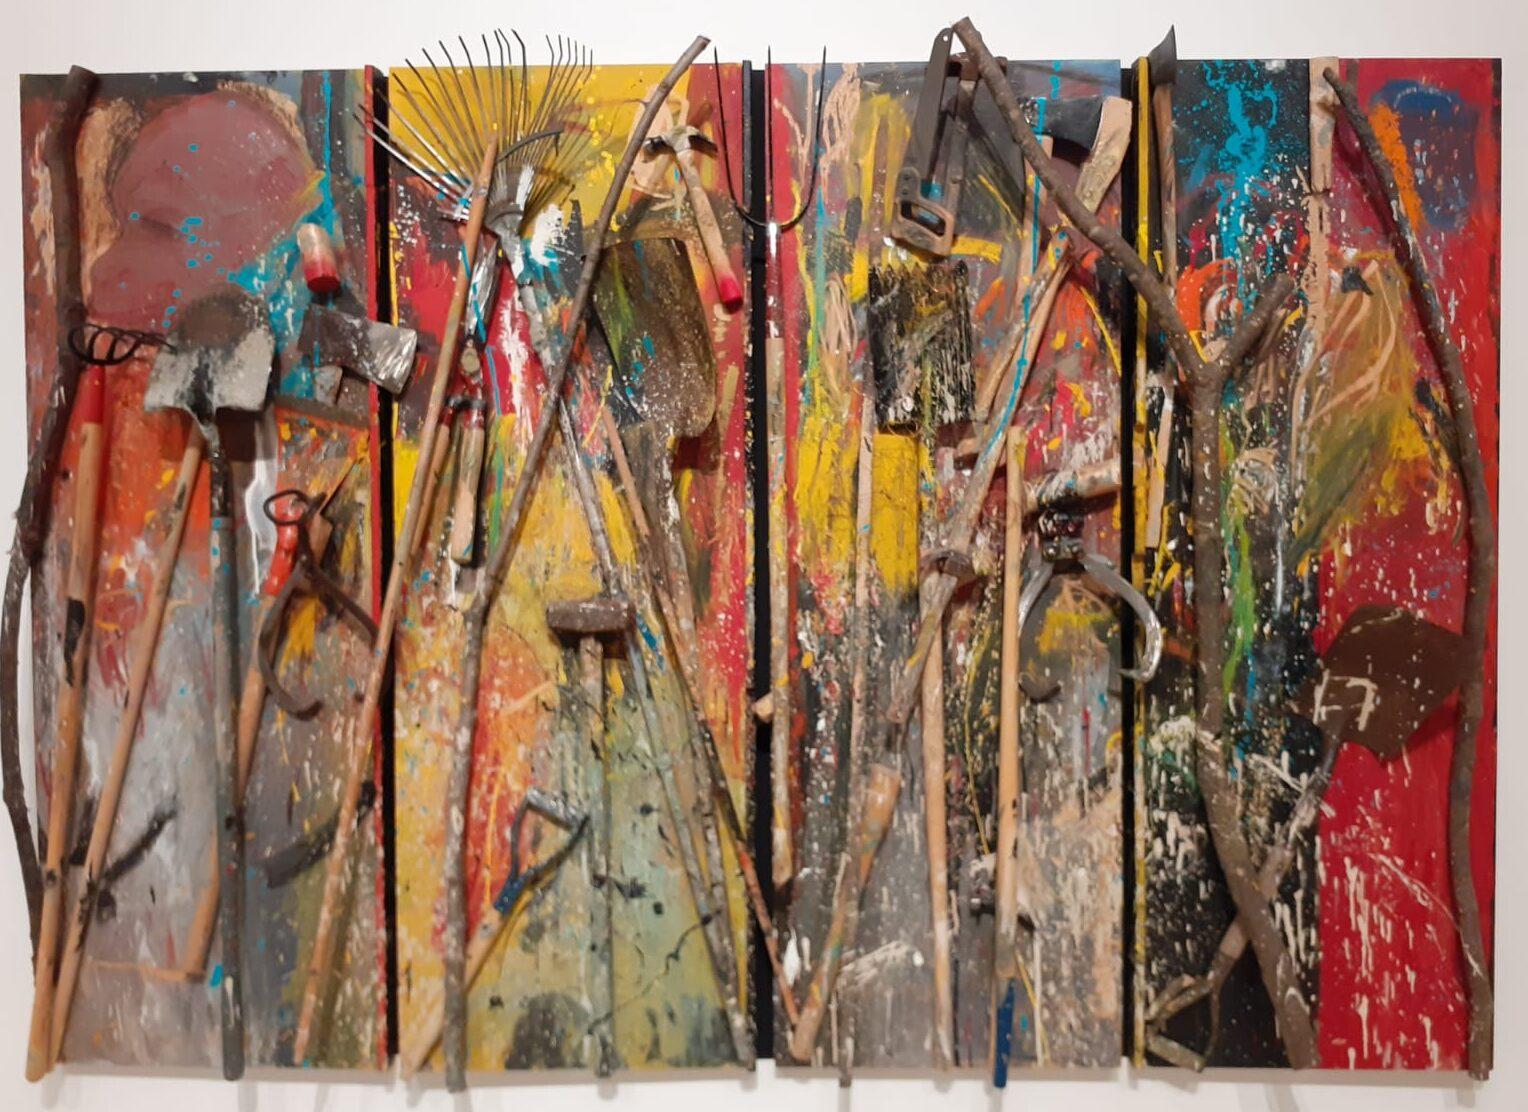 Autoritratti, cuori e detriti nella grande mostra antologica dedicata a Jim Dine a Palazzo delle Esposizioni di Roma